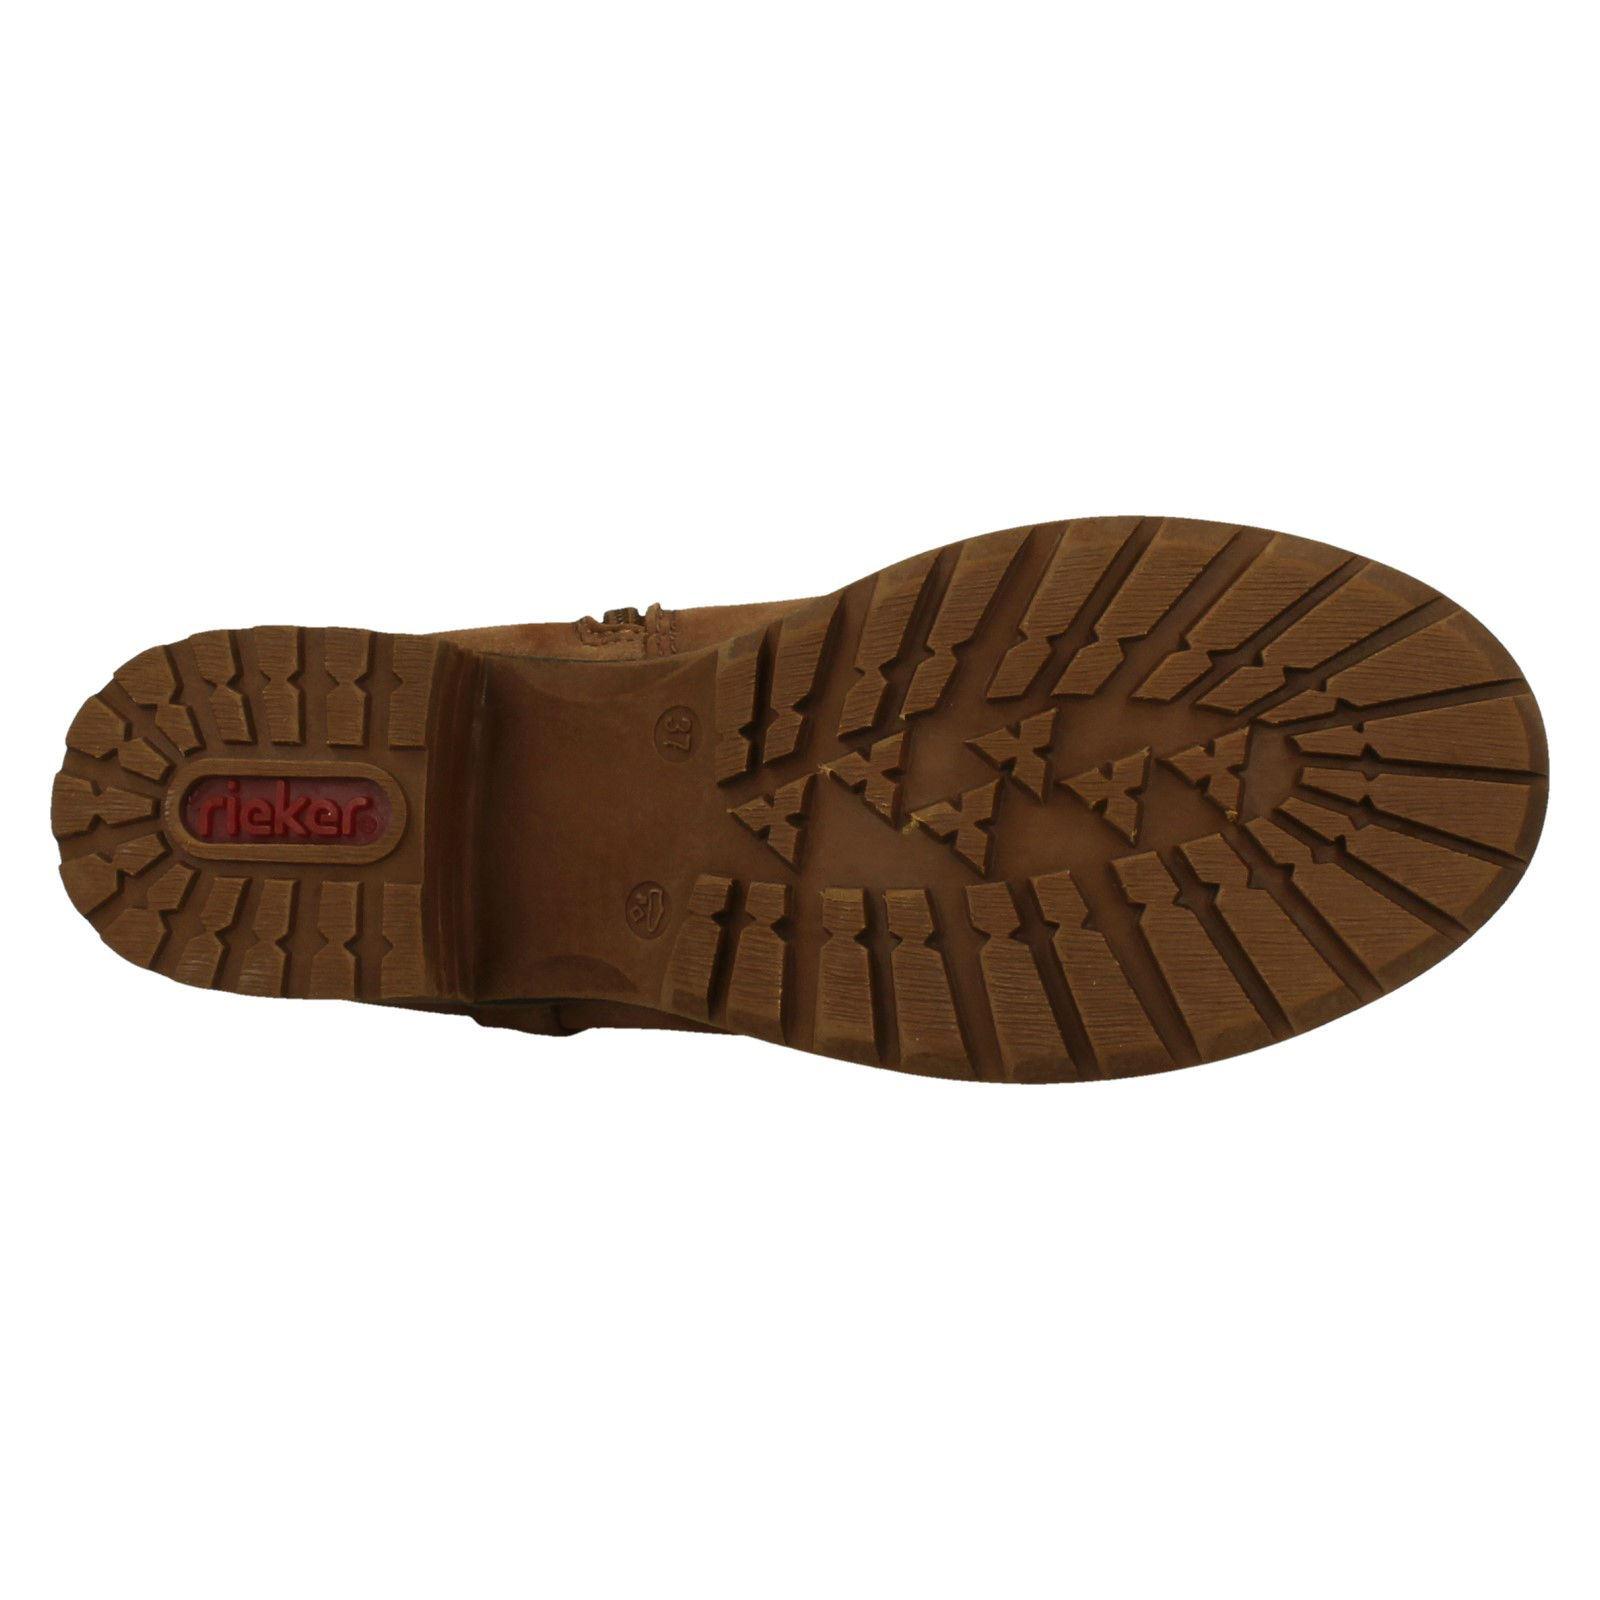 'Damas Rieker' Cremallera botas - 96854 96854 - 8c1e58